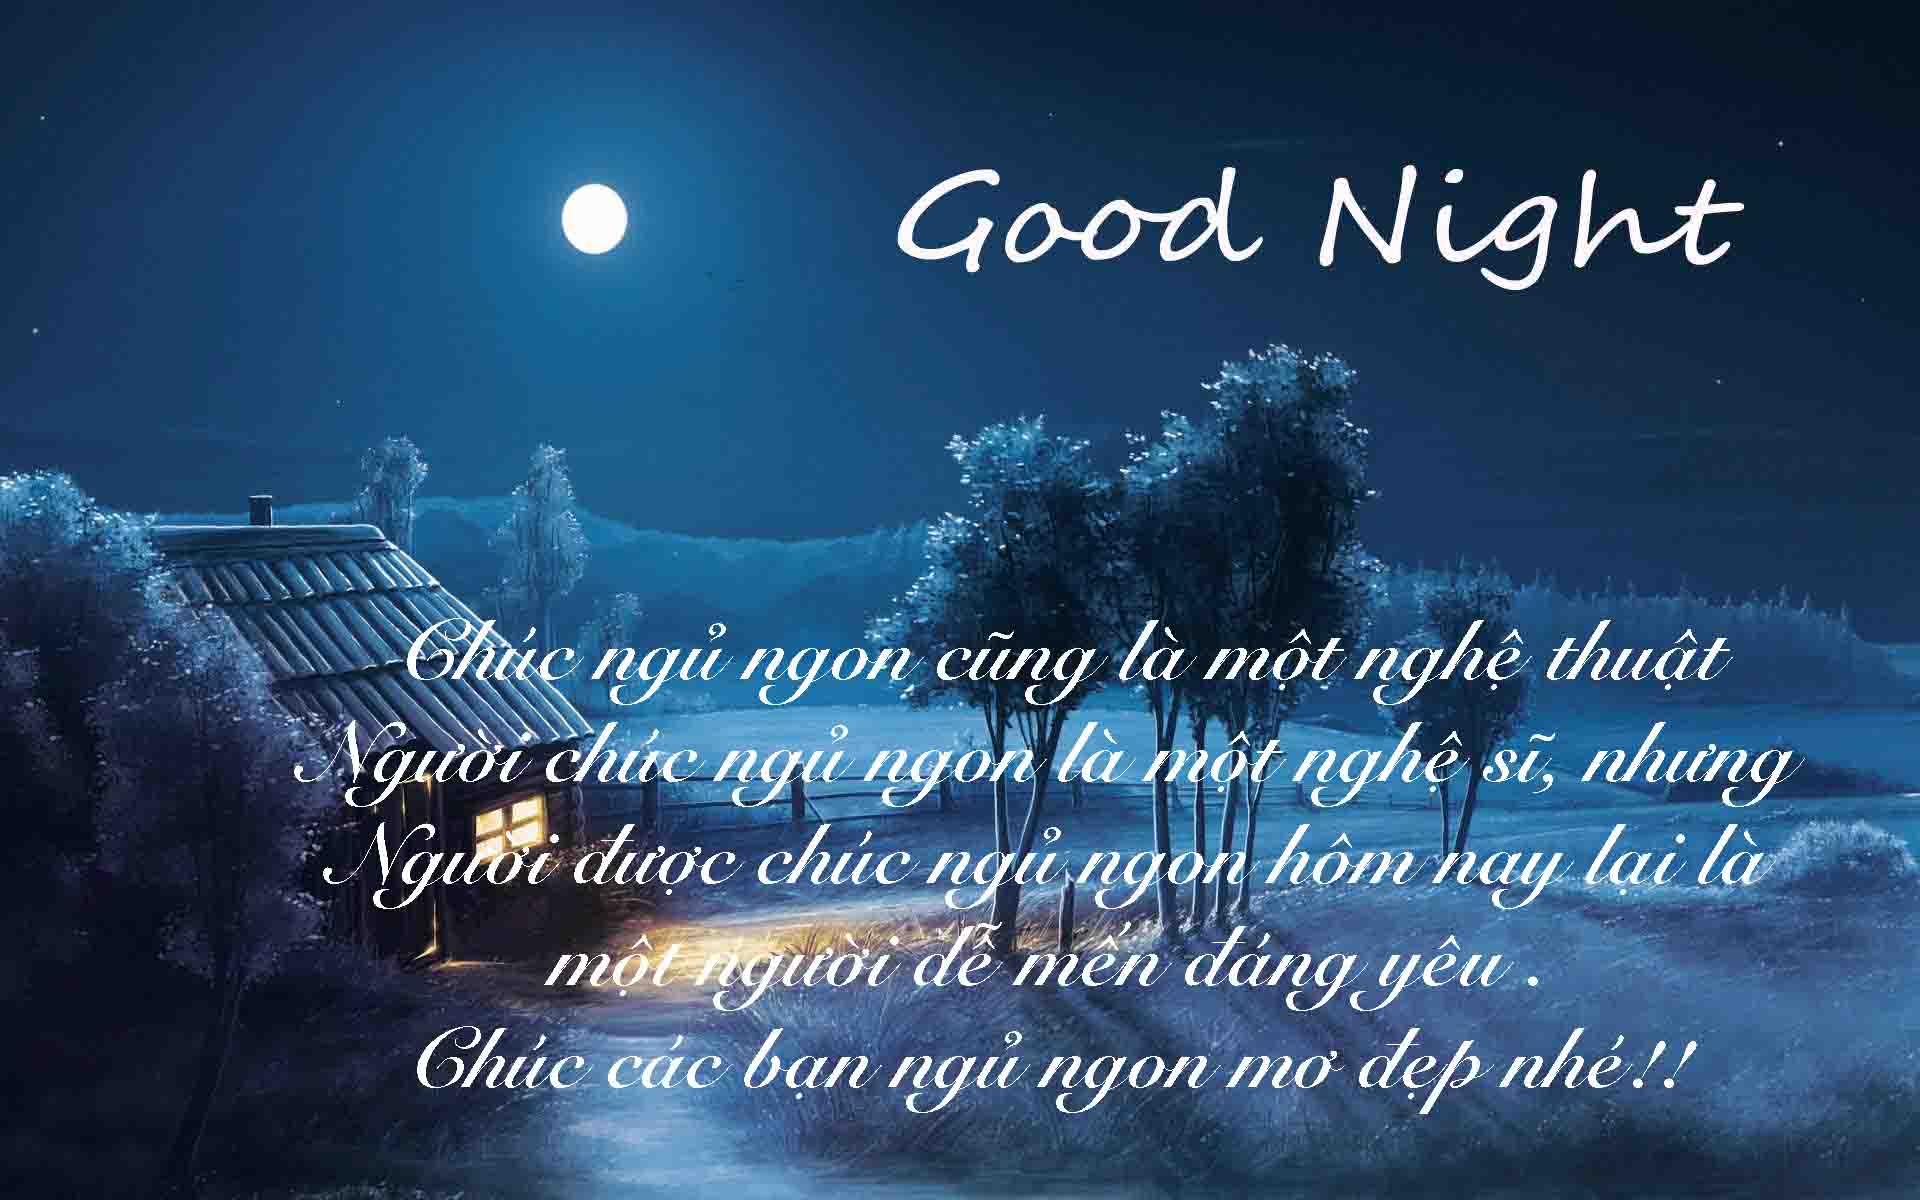 Ảnh good night lãng mạn